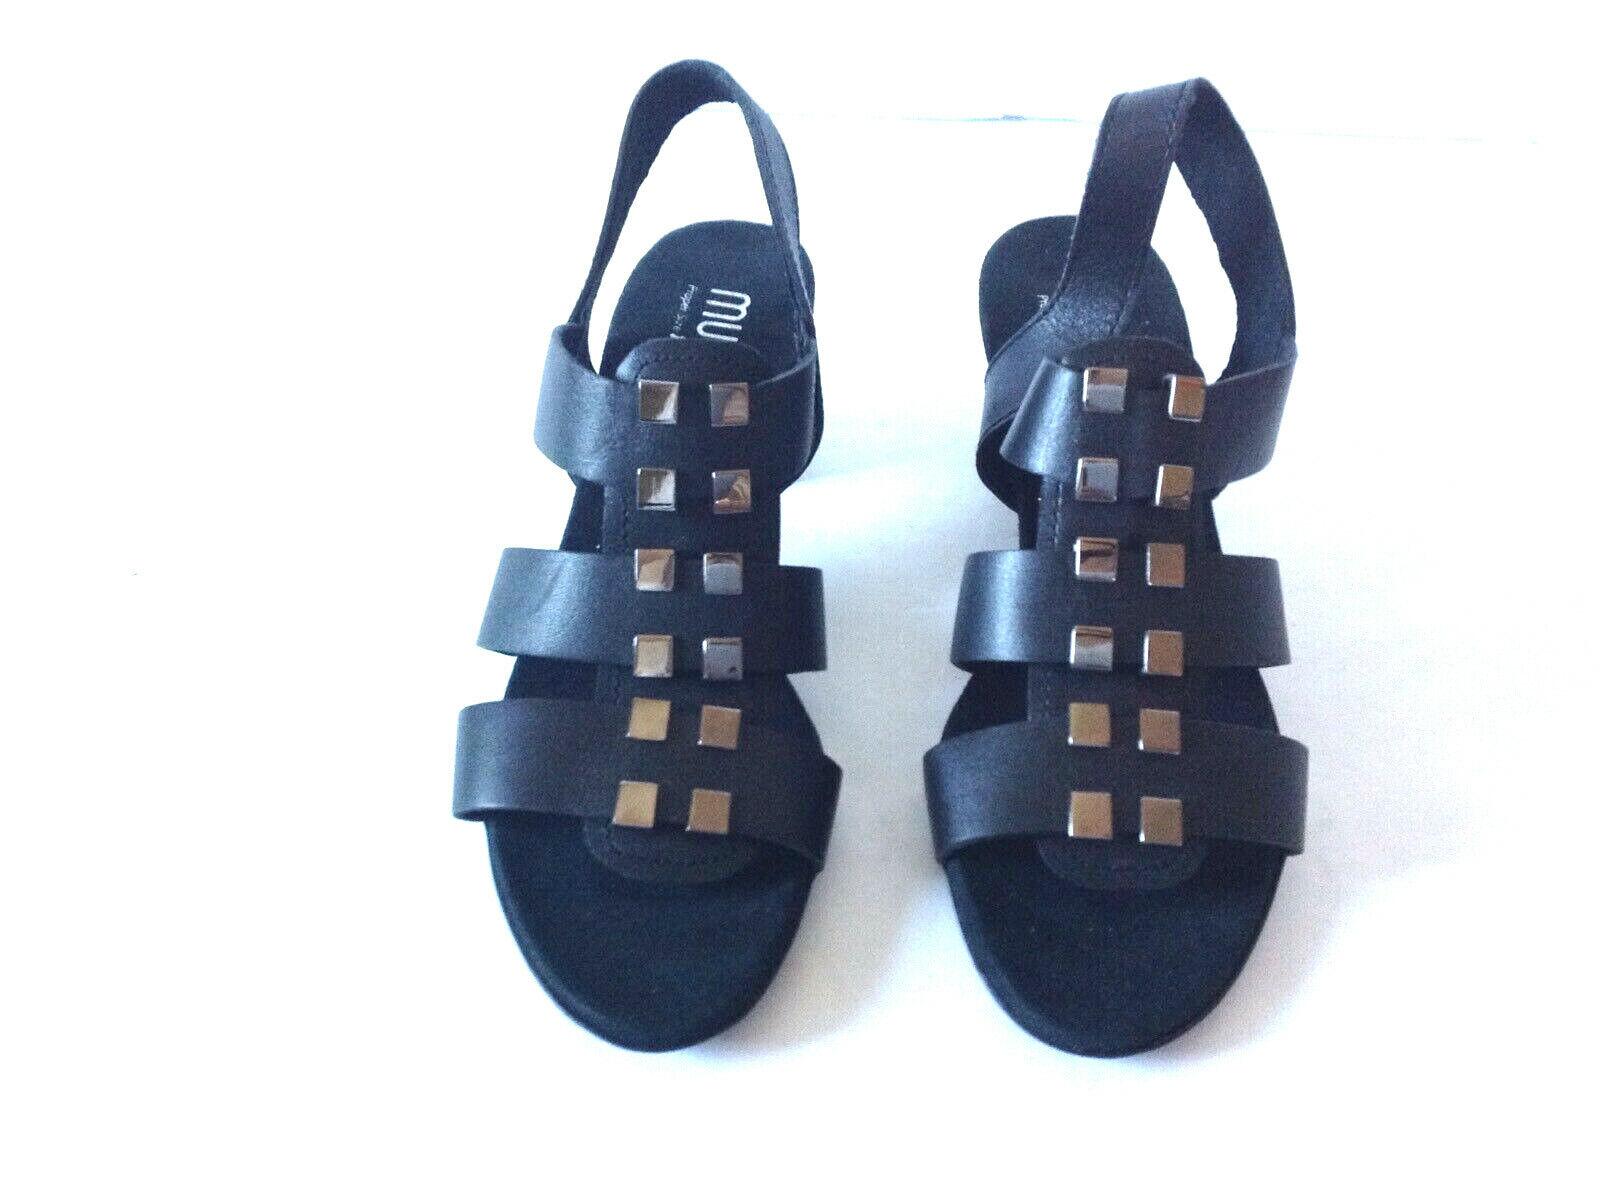 Nouveau Munro Maggie noir en cuir cloutées Comfort Sandales Taille 6.5 N